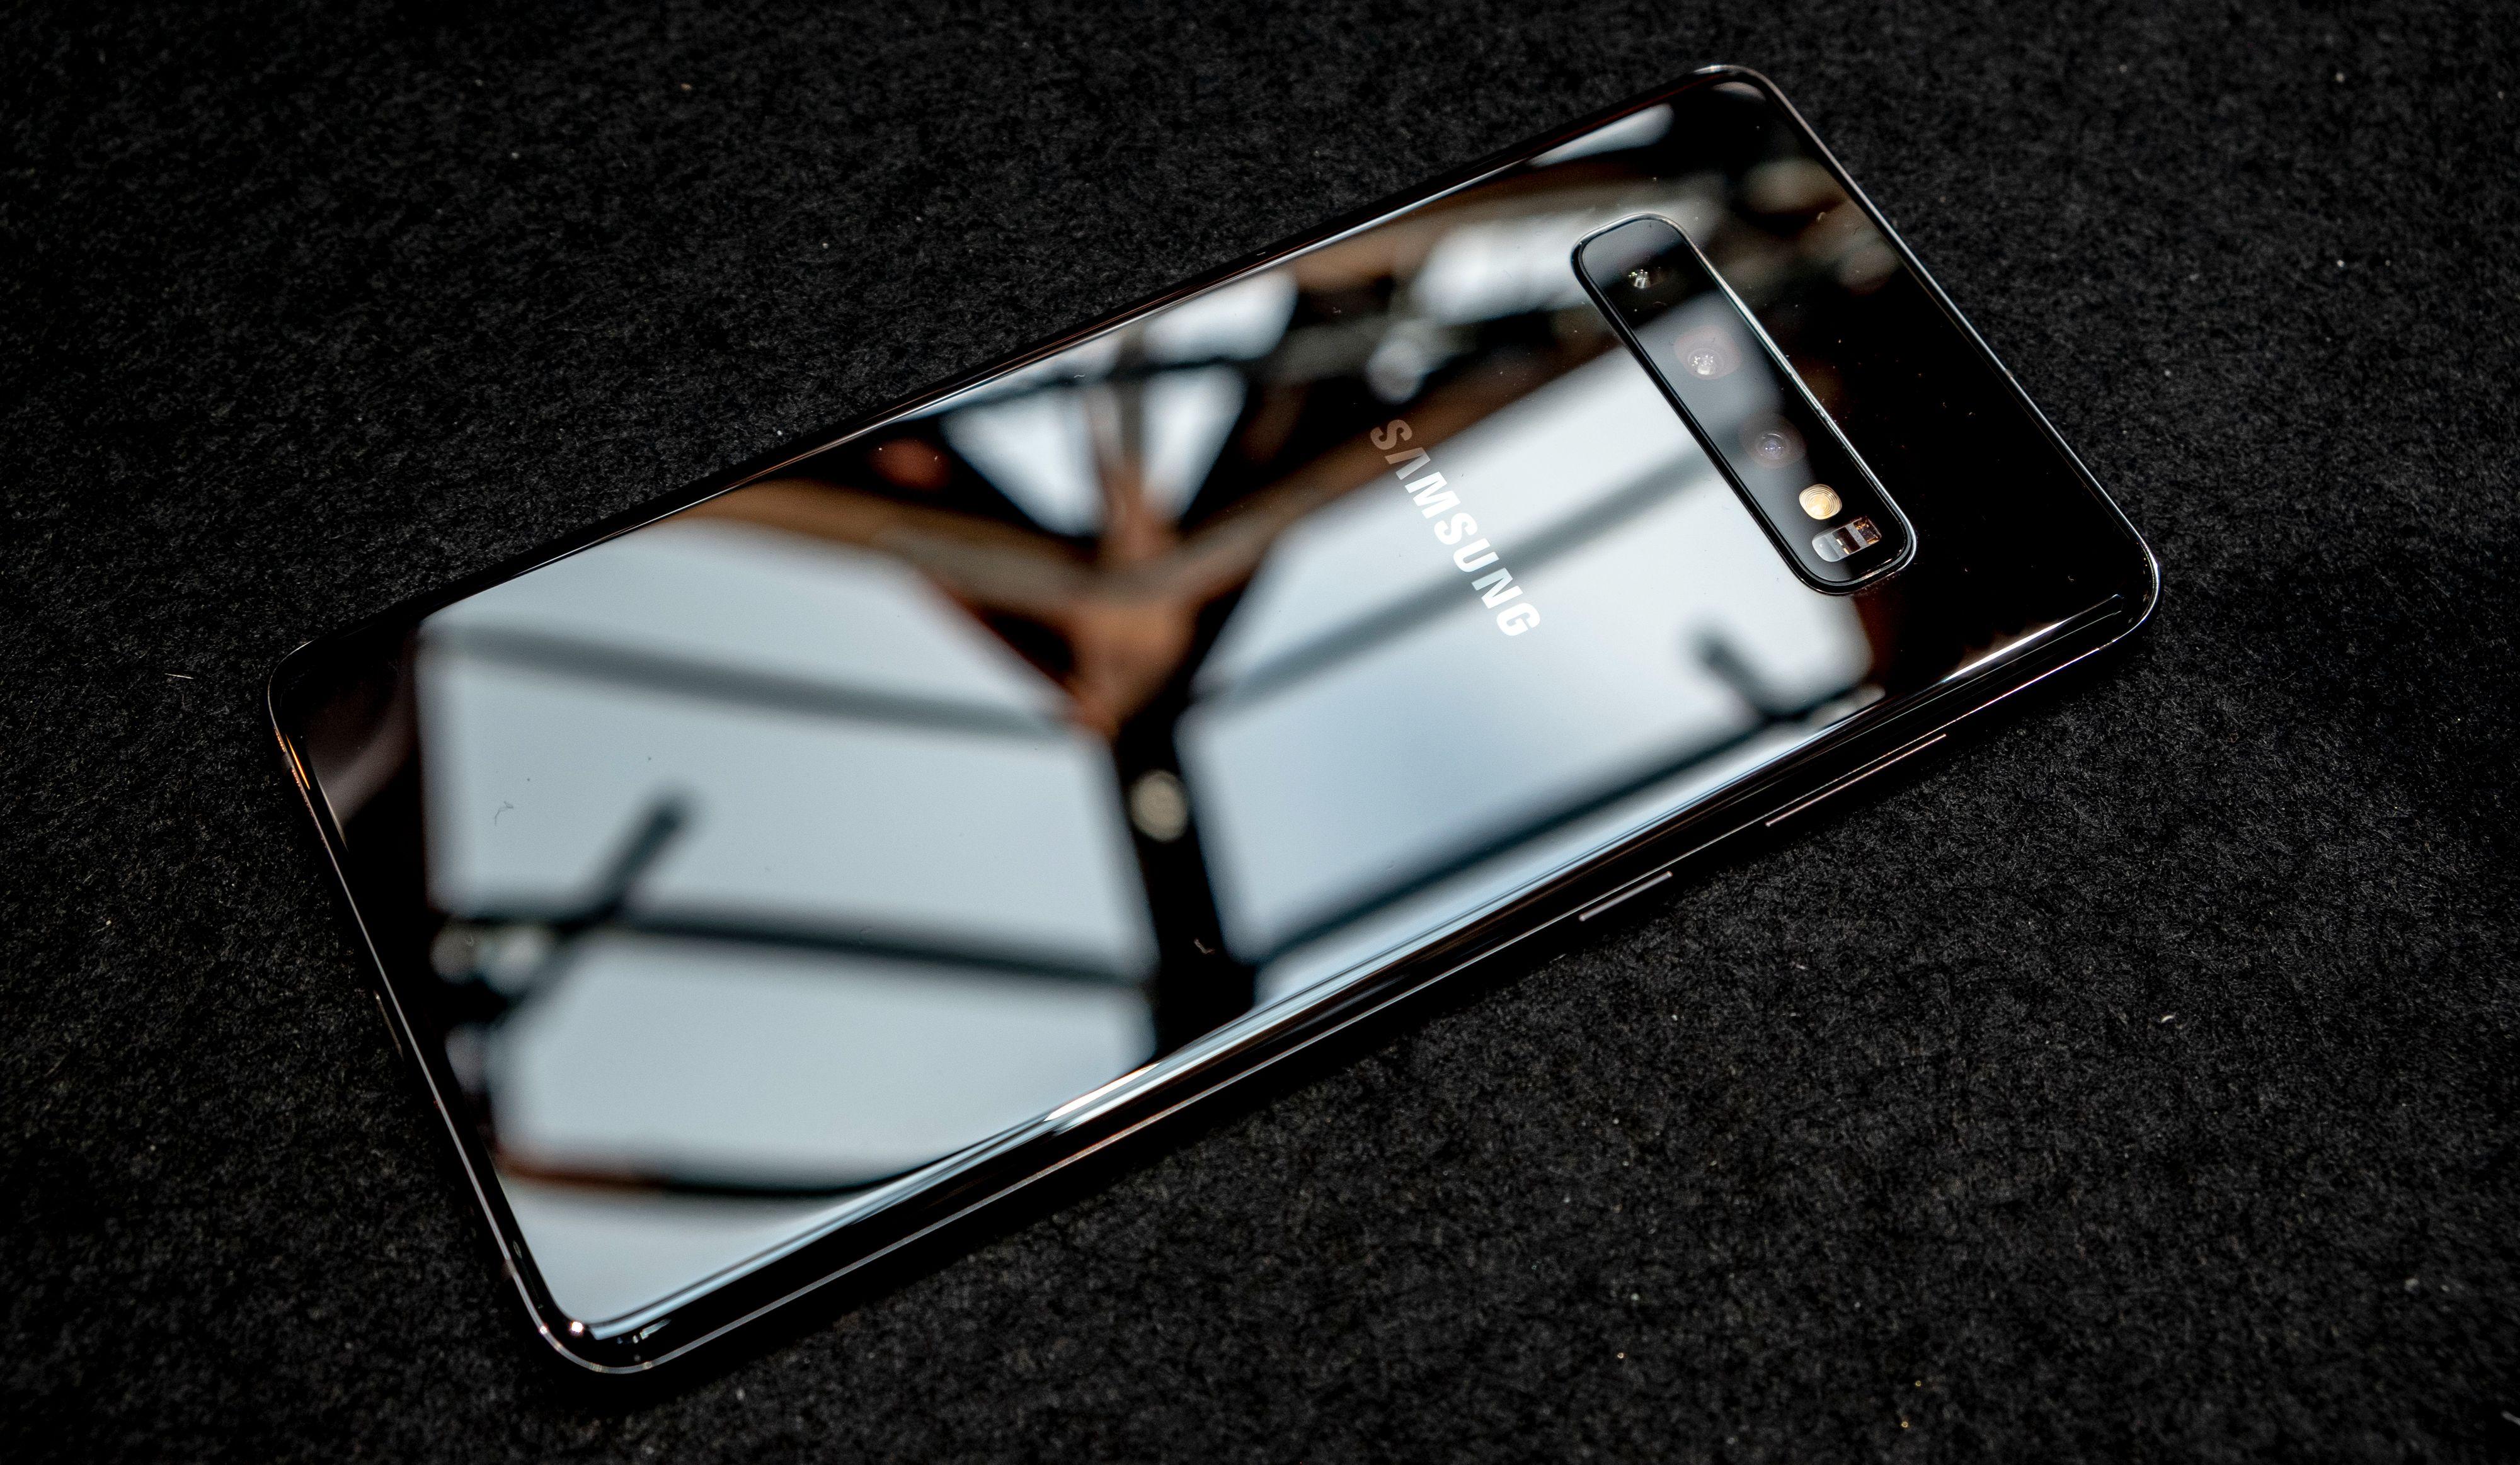 Den keramisk svarte utgaven av Galaxy S10+ er en av de lekreste telefonene vi har sett så langt.